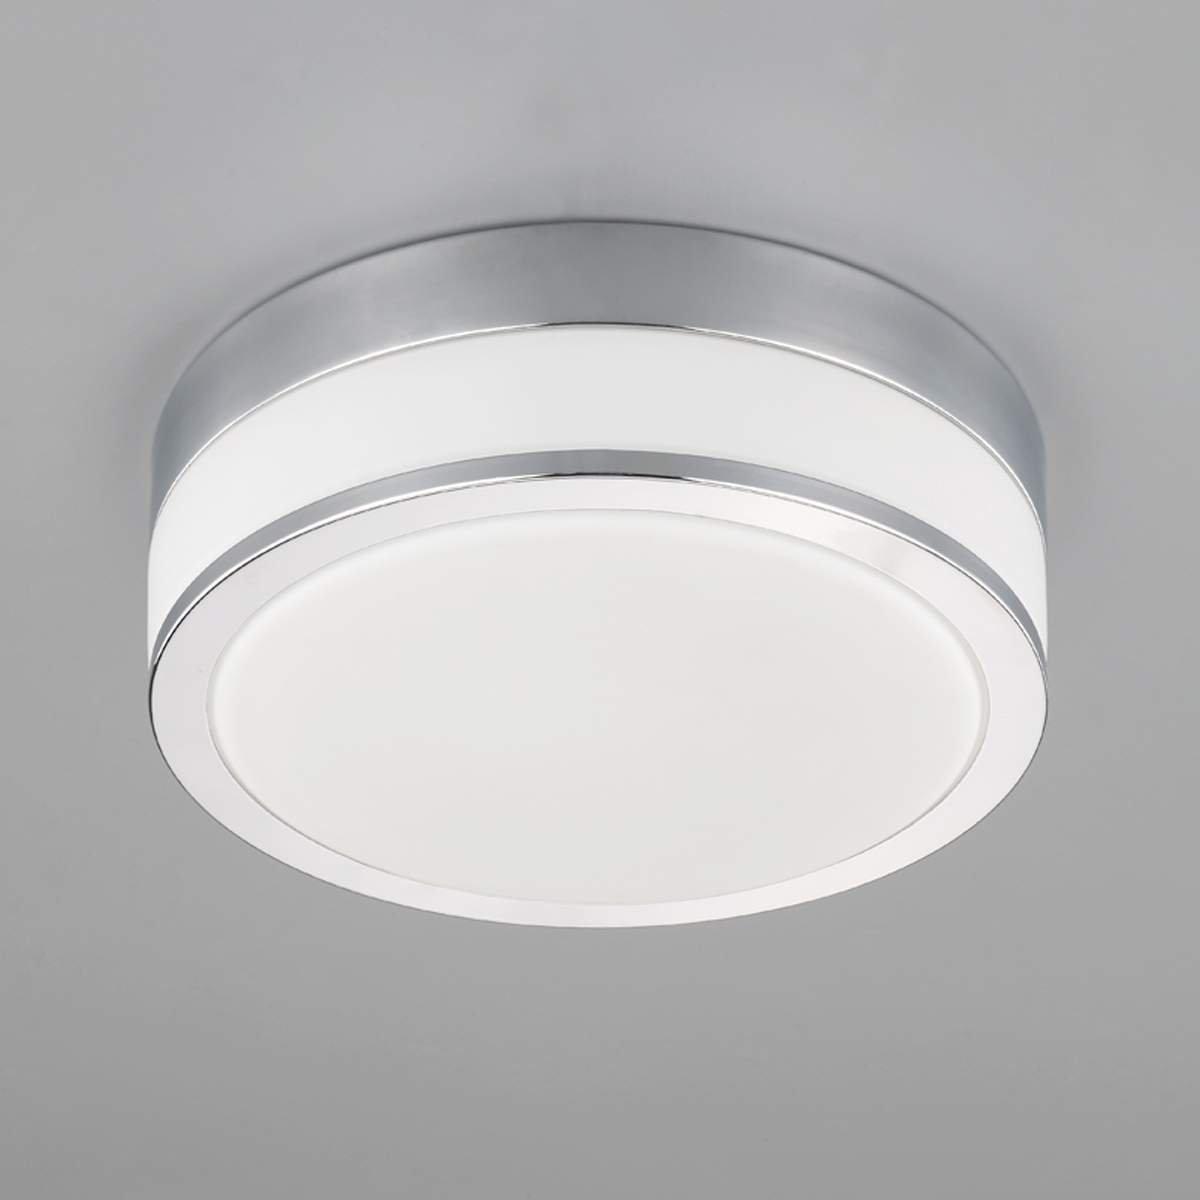 Plafonnier Salle De Bain Flavi /à intensit/é variable de Lampenwelt /à 2 lampes, E27, A++ Moderne Lampe Plafond pour Salle de bain a Luminaire Plafonnier en Blanc en Verre e Plafonnier WC